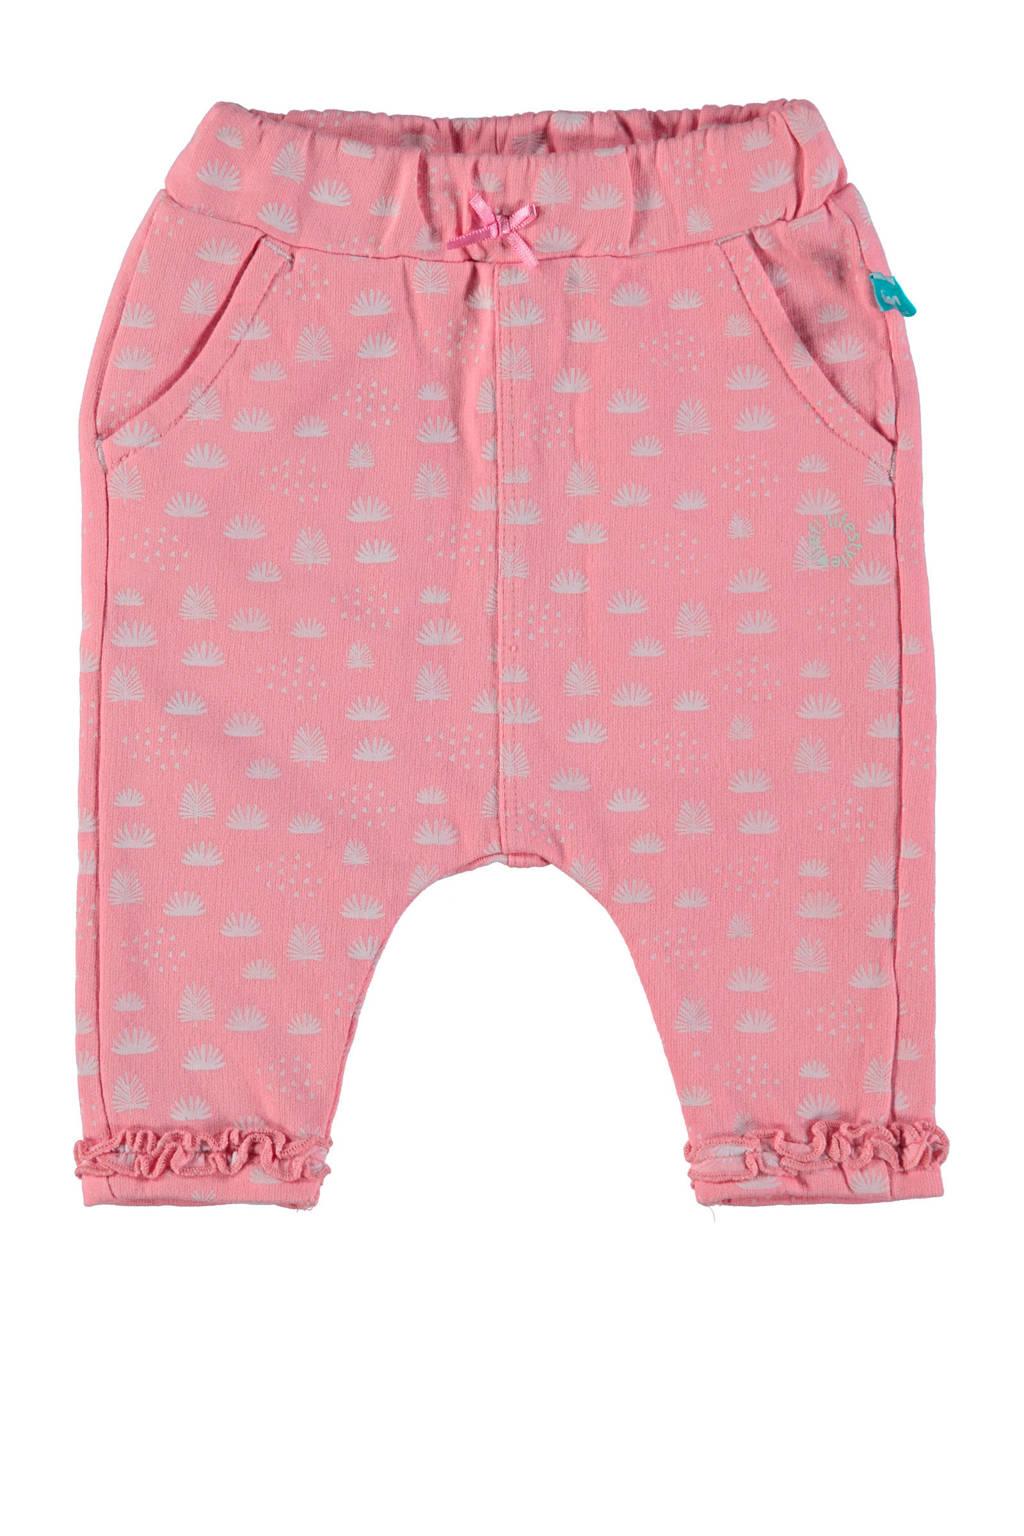 lief! baby regular fit broek met all over print roze, Roze